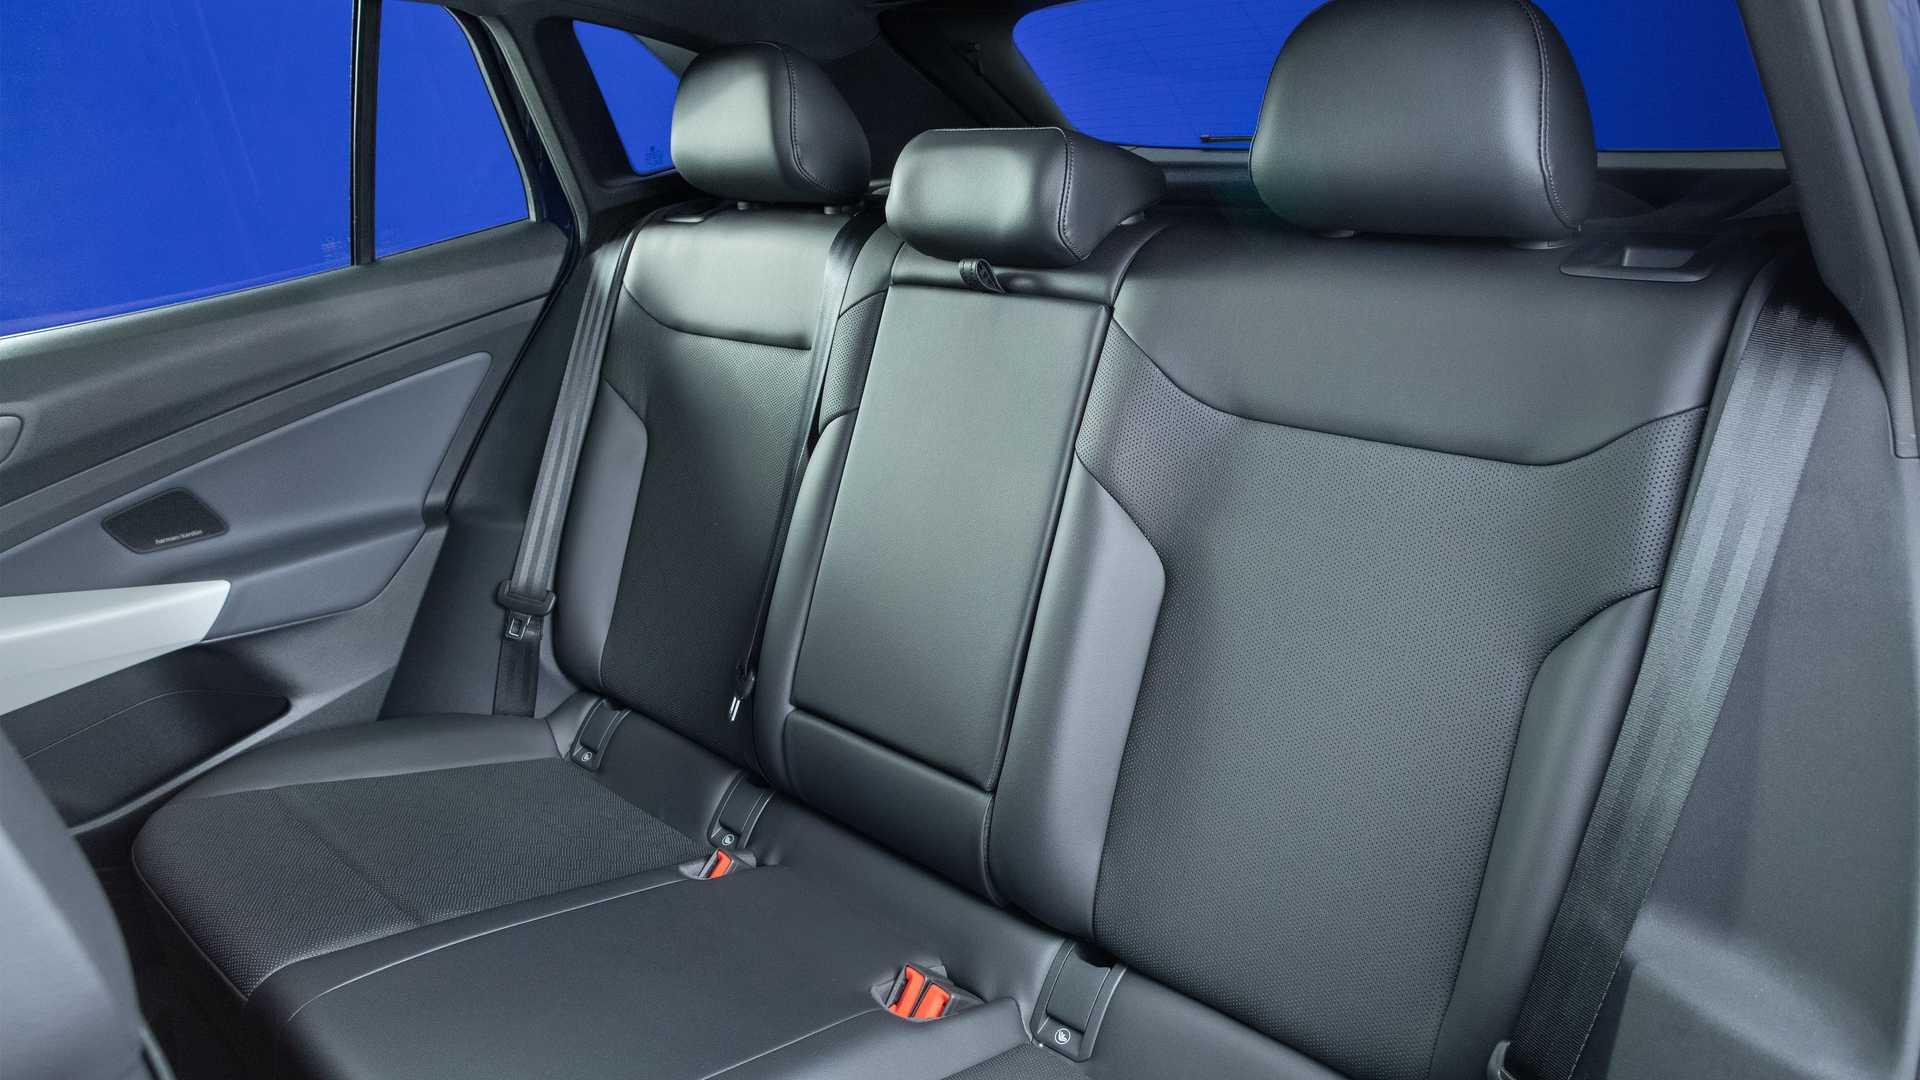 2021-volkswagen-id.4-interior-seats (1)